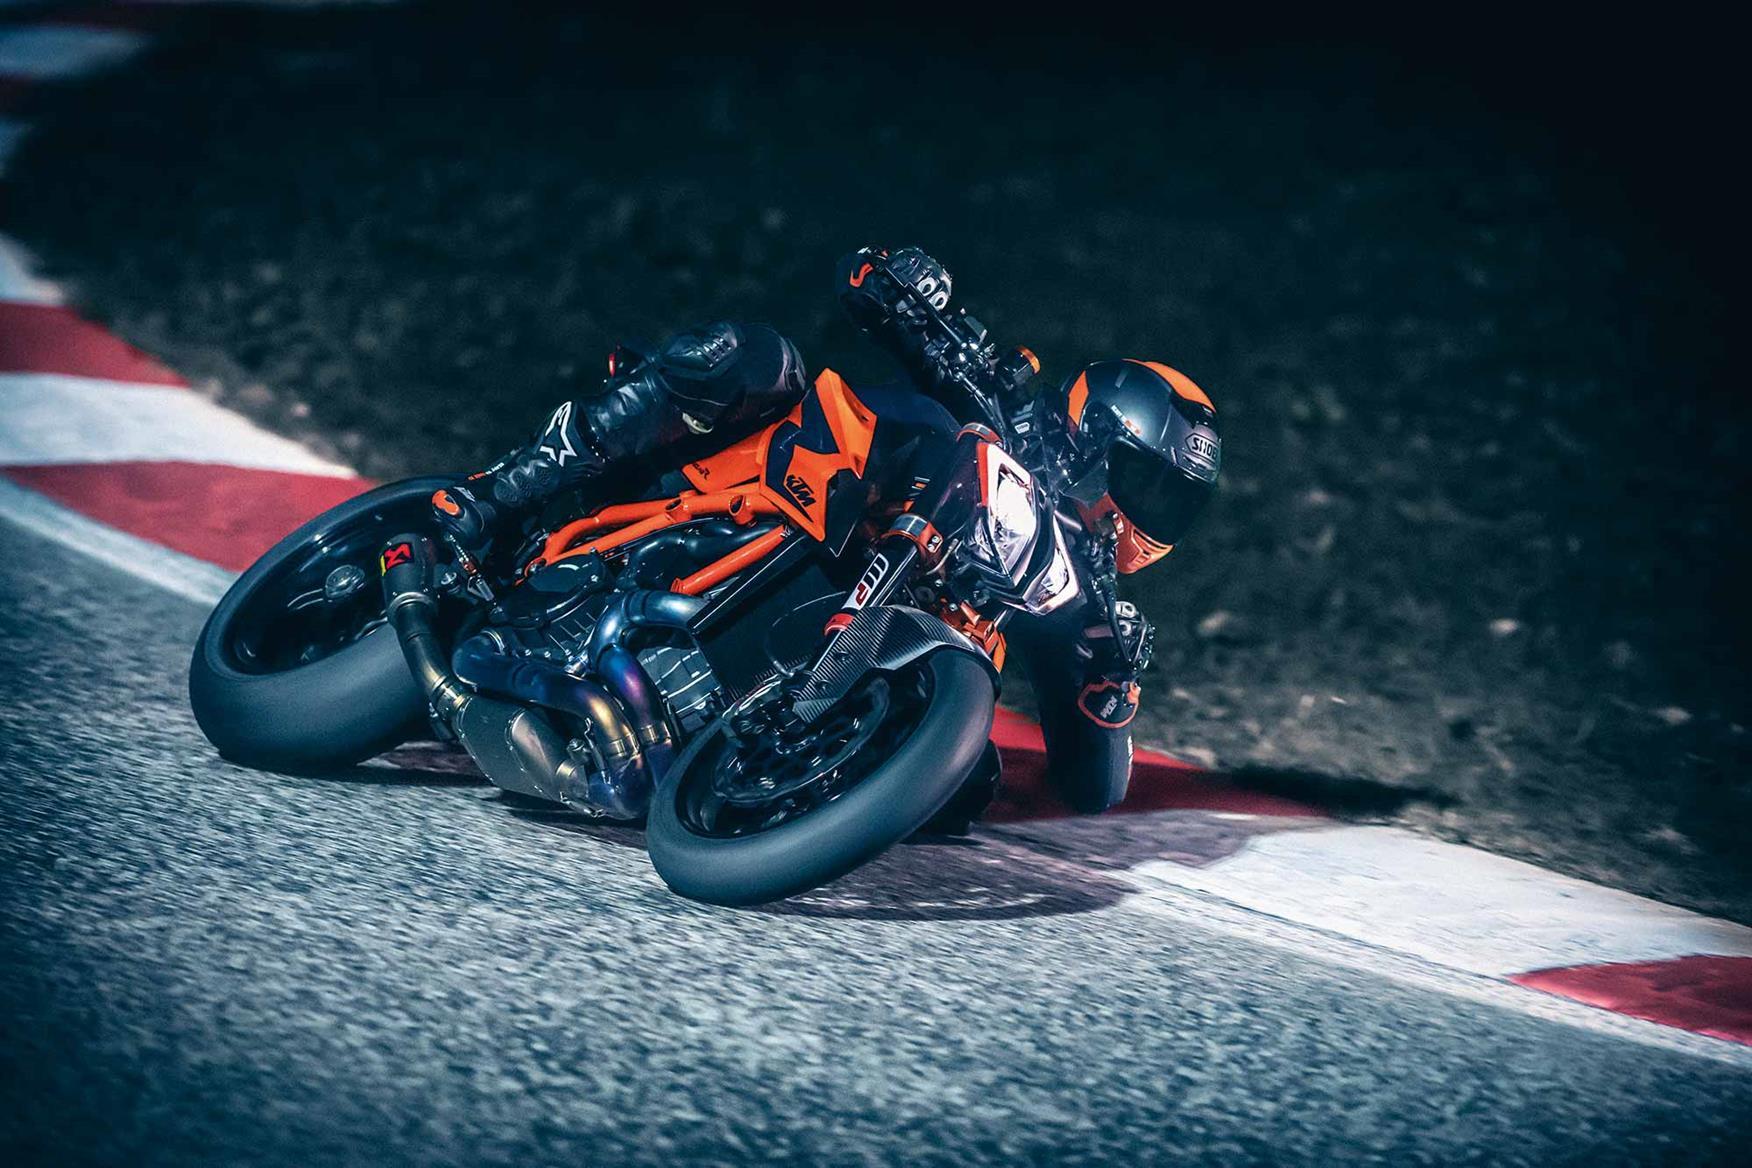 KTM 1290 Super Duke R on track